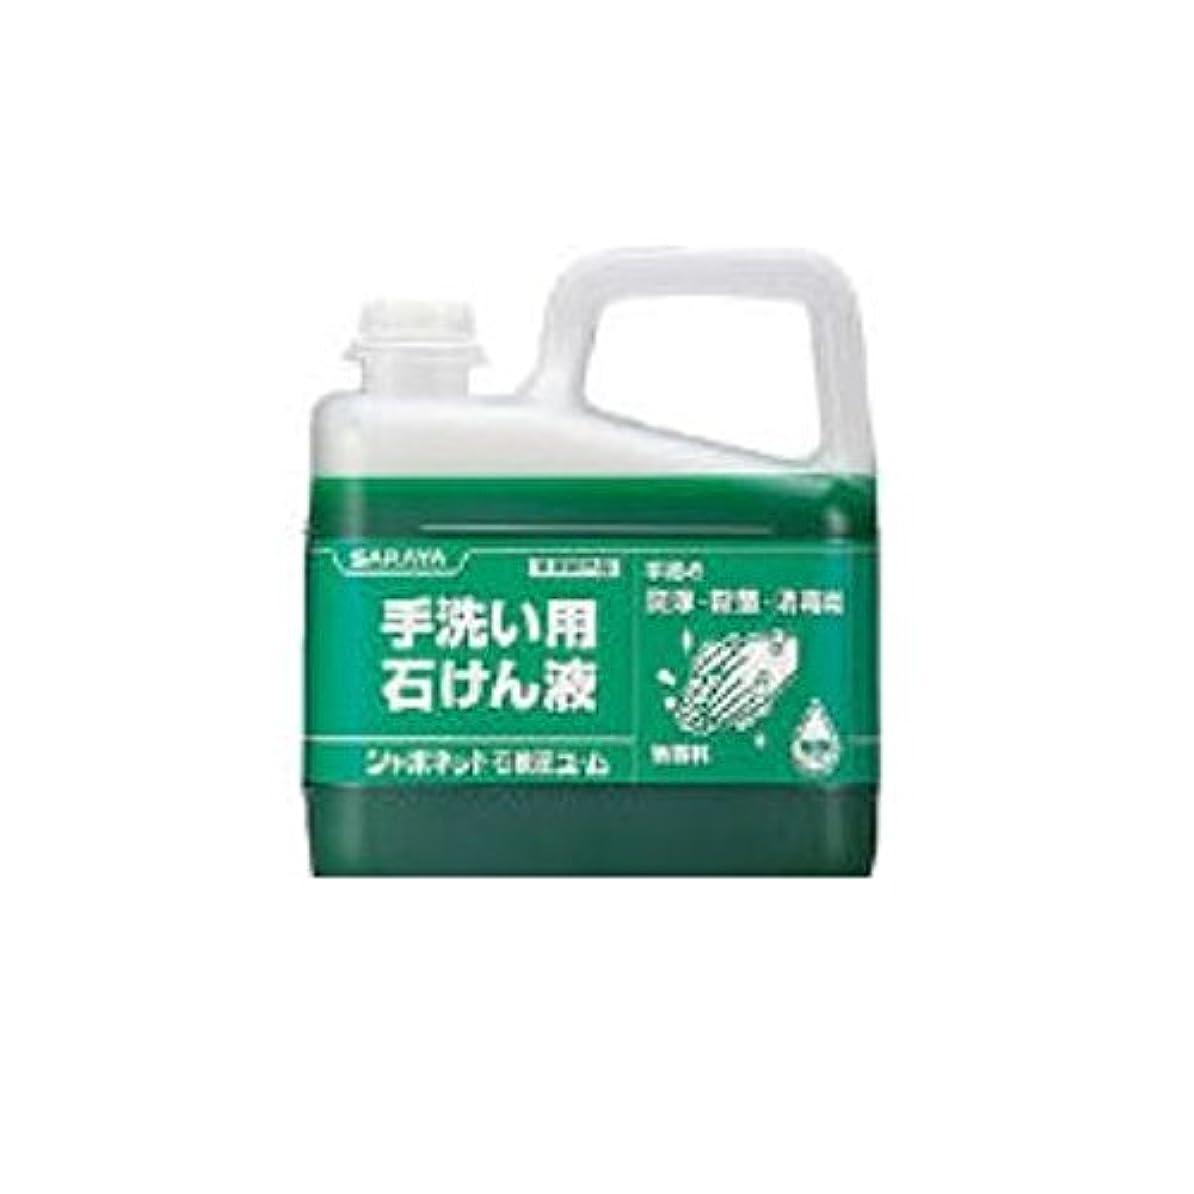 振る舞う成分奇妙なFU50524 ハンドソープ シャボネット石鹸液ユ?ム 5kg